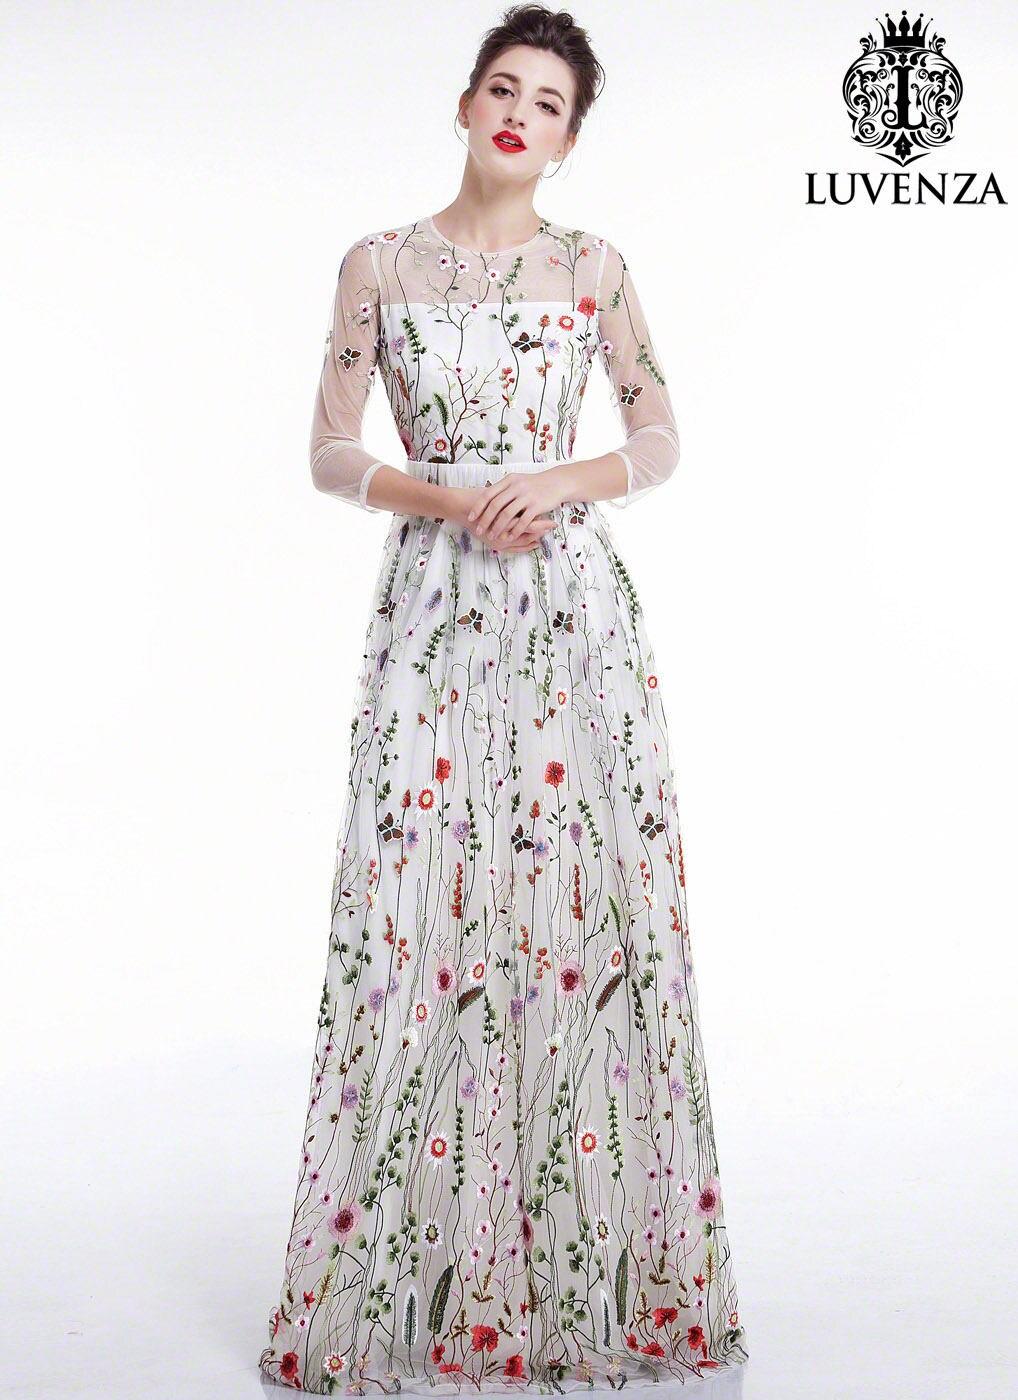 Weißer Tüll bunten floralen Stickereien Maxi Abendkleid/Boden